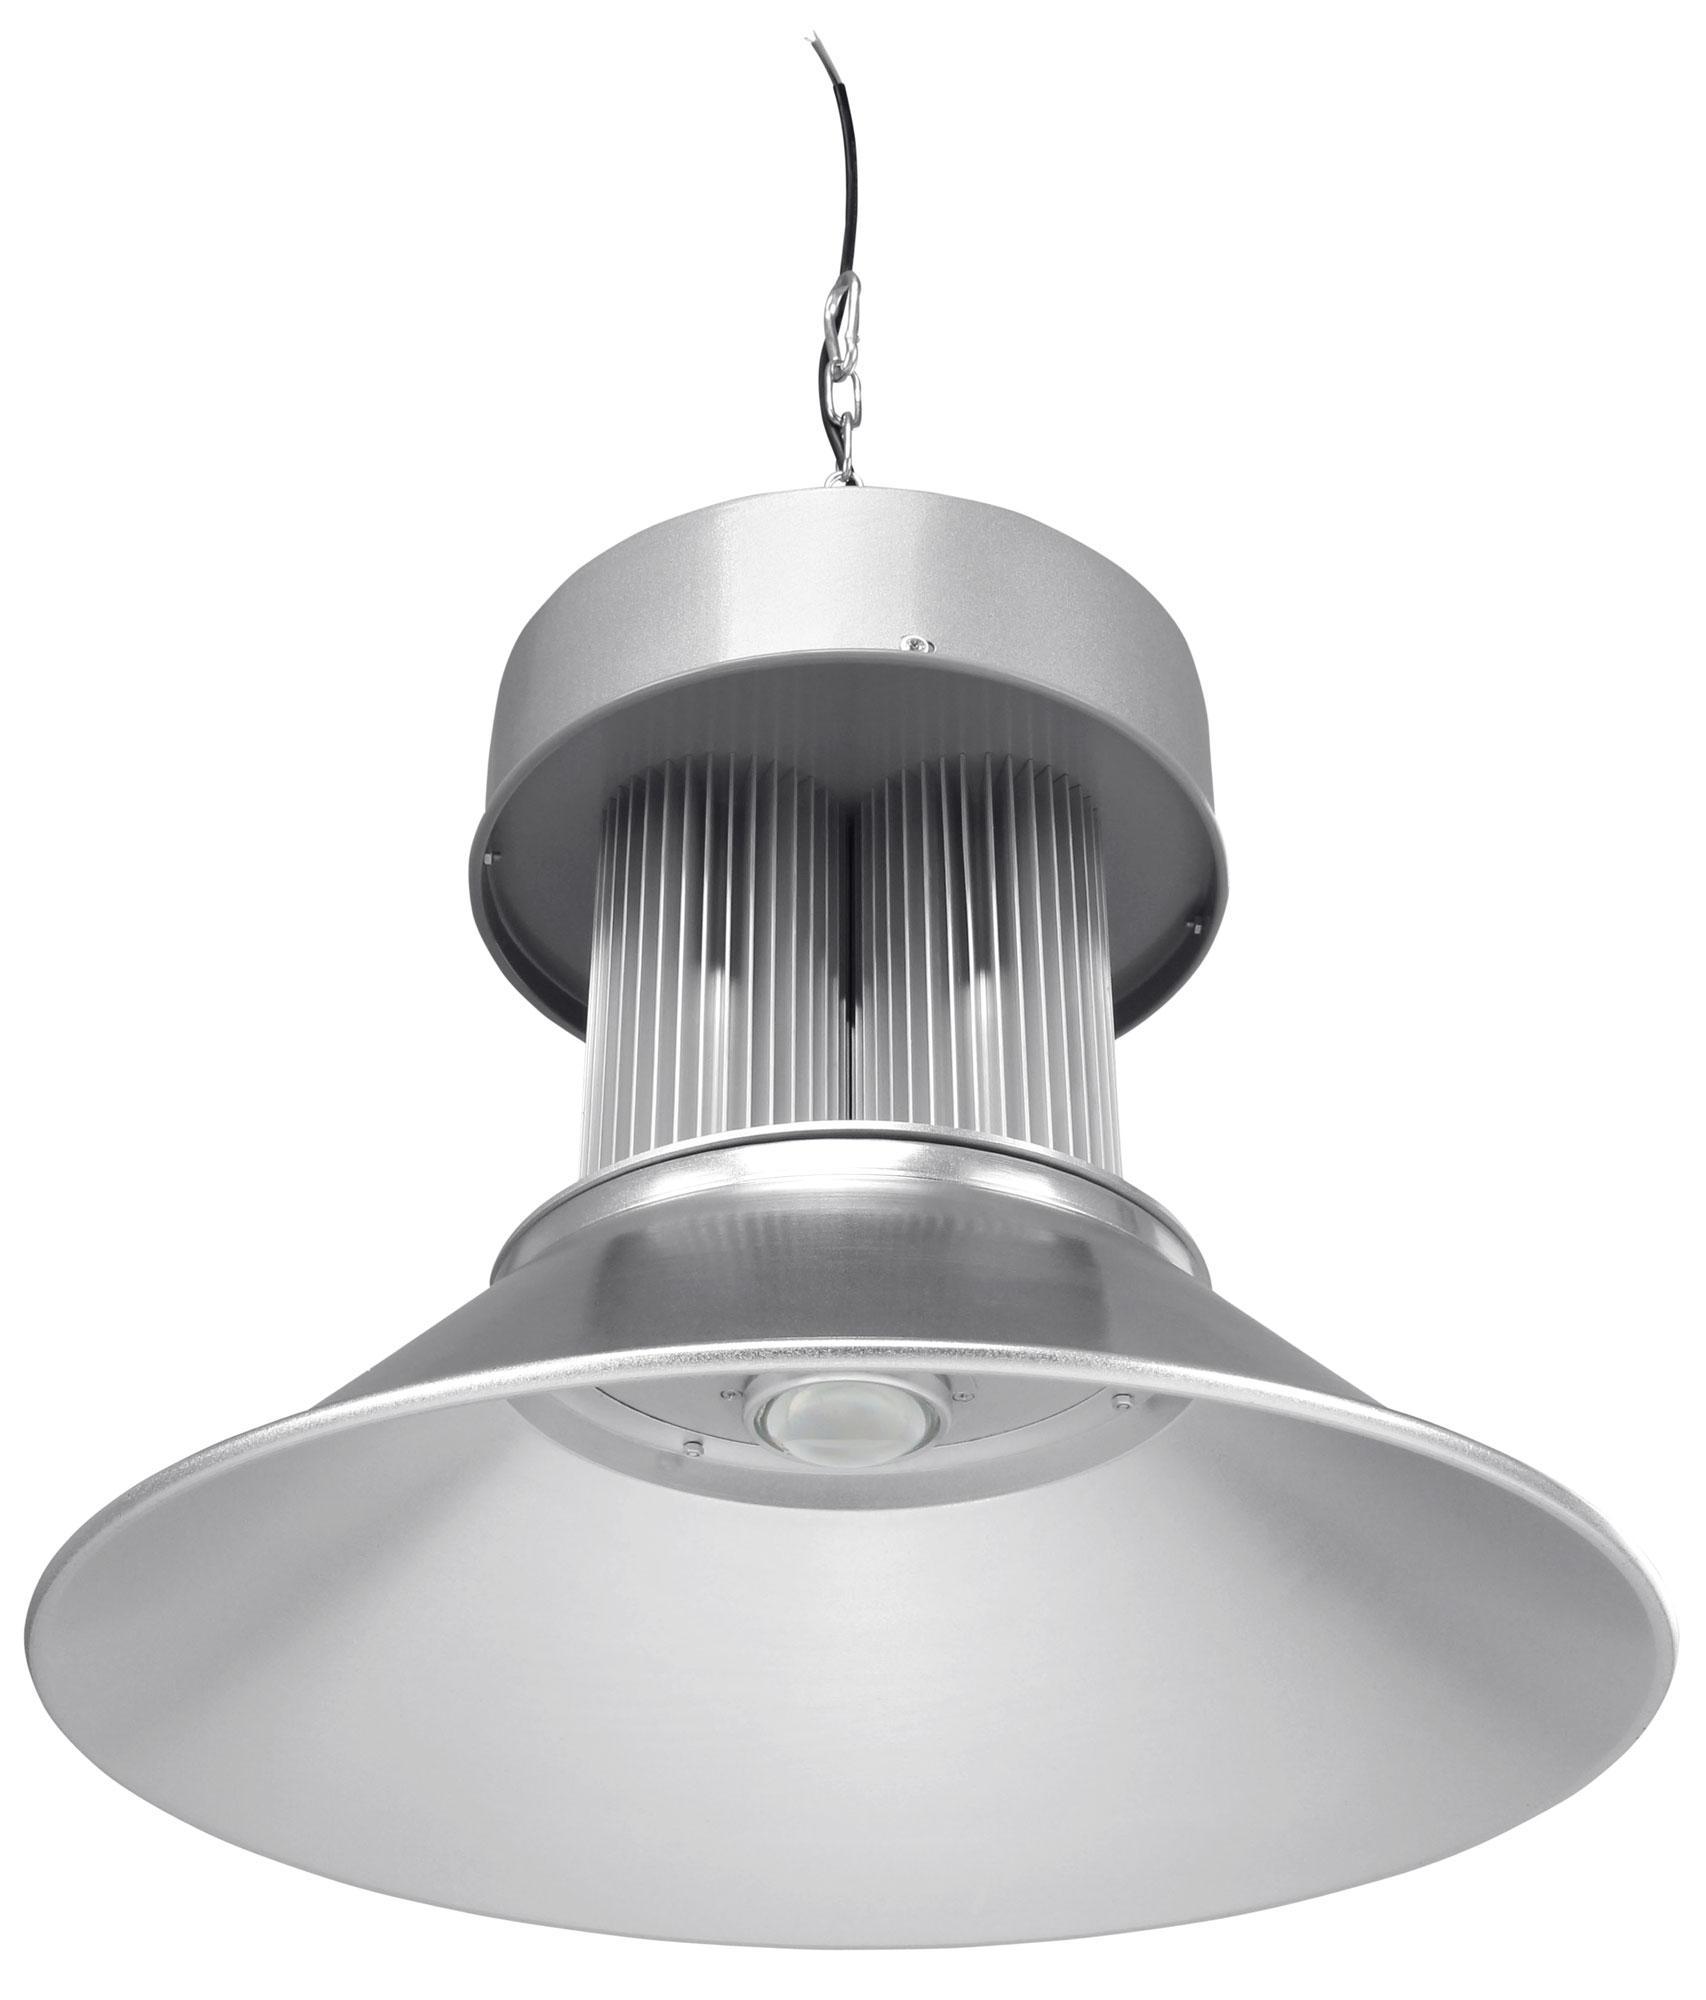 2708ec7297e75874a67c076fa80e0_4 Wunderschöne Led Lampen 100 Watt Dekorationen